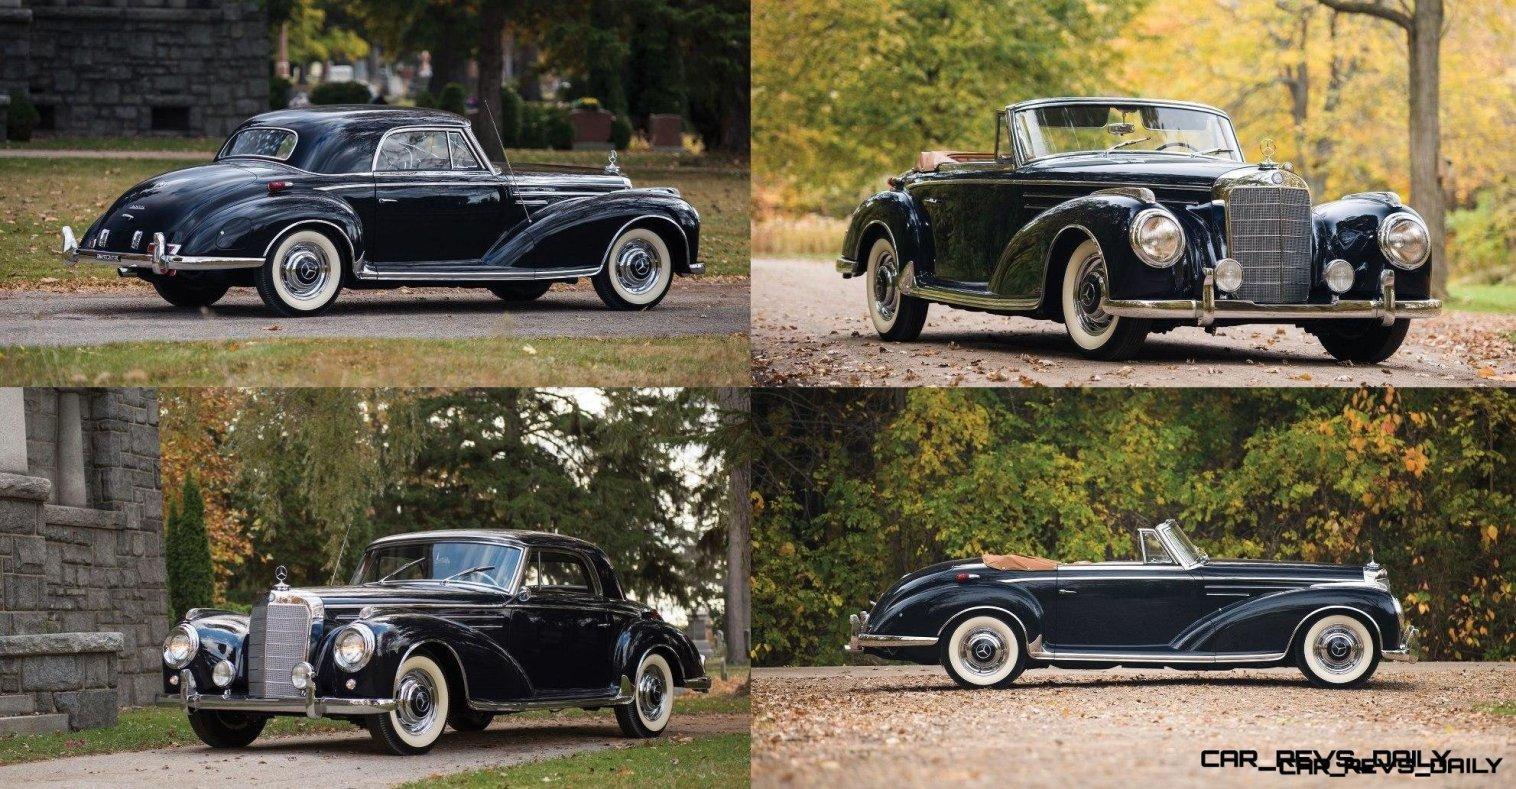 1955 Mercedes-Benz 300 Sc Coupe 33-tile